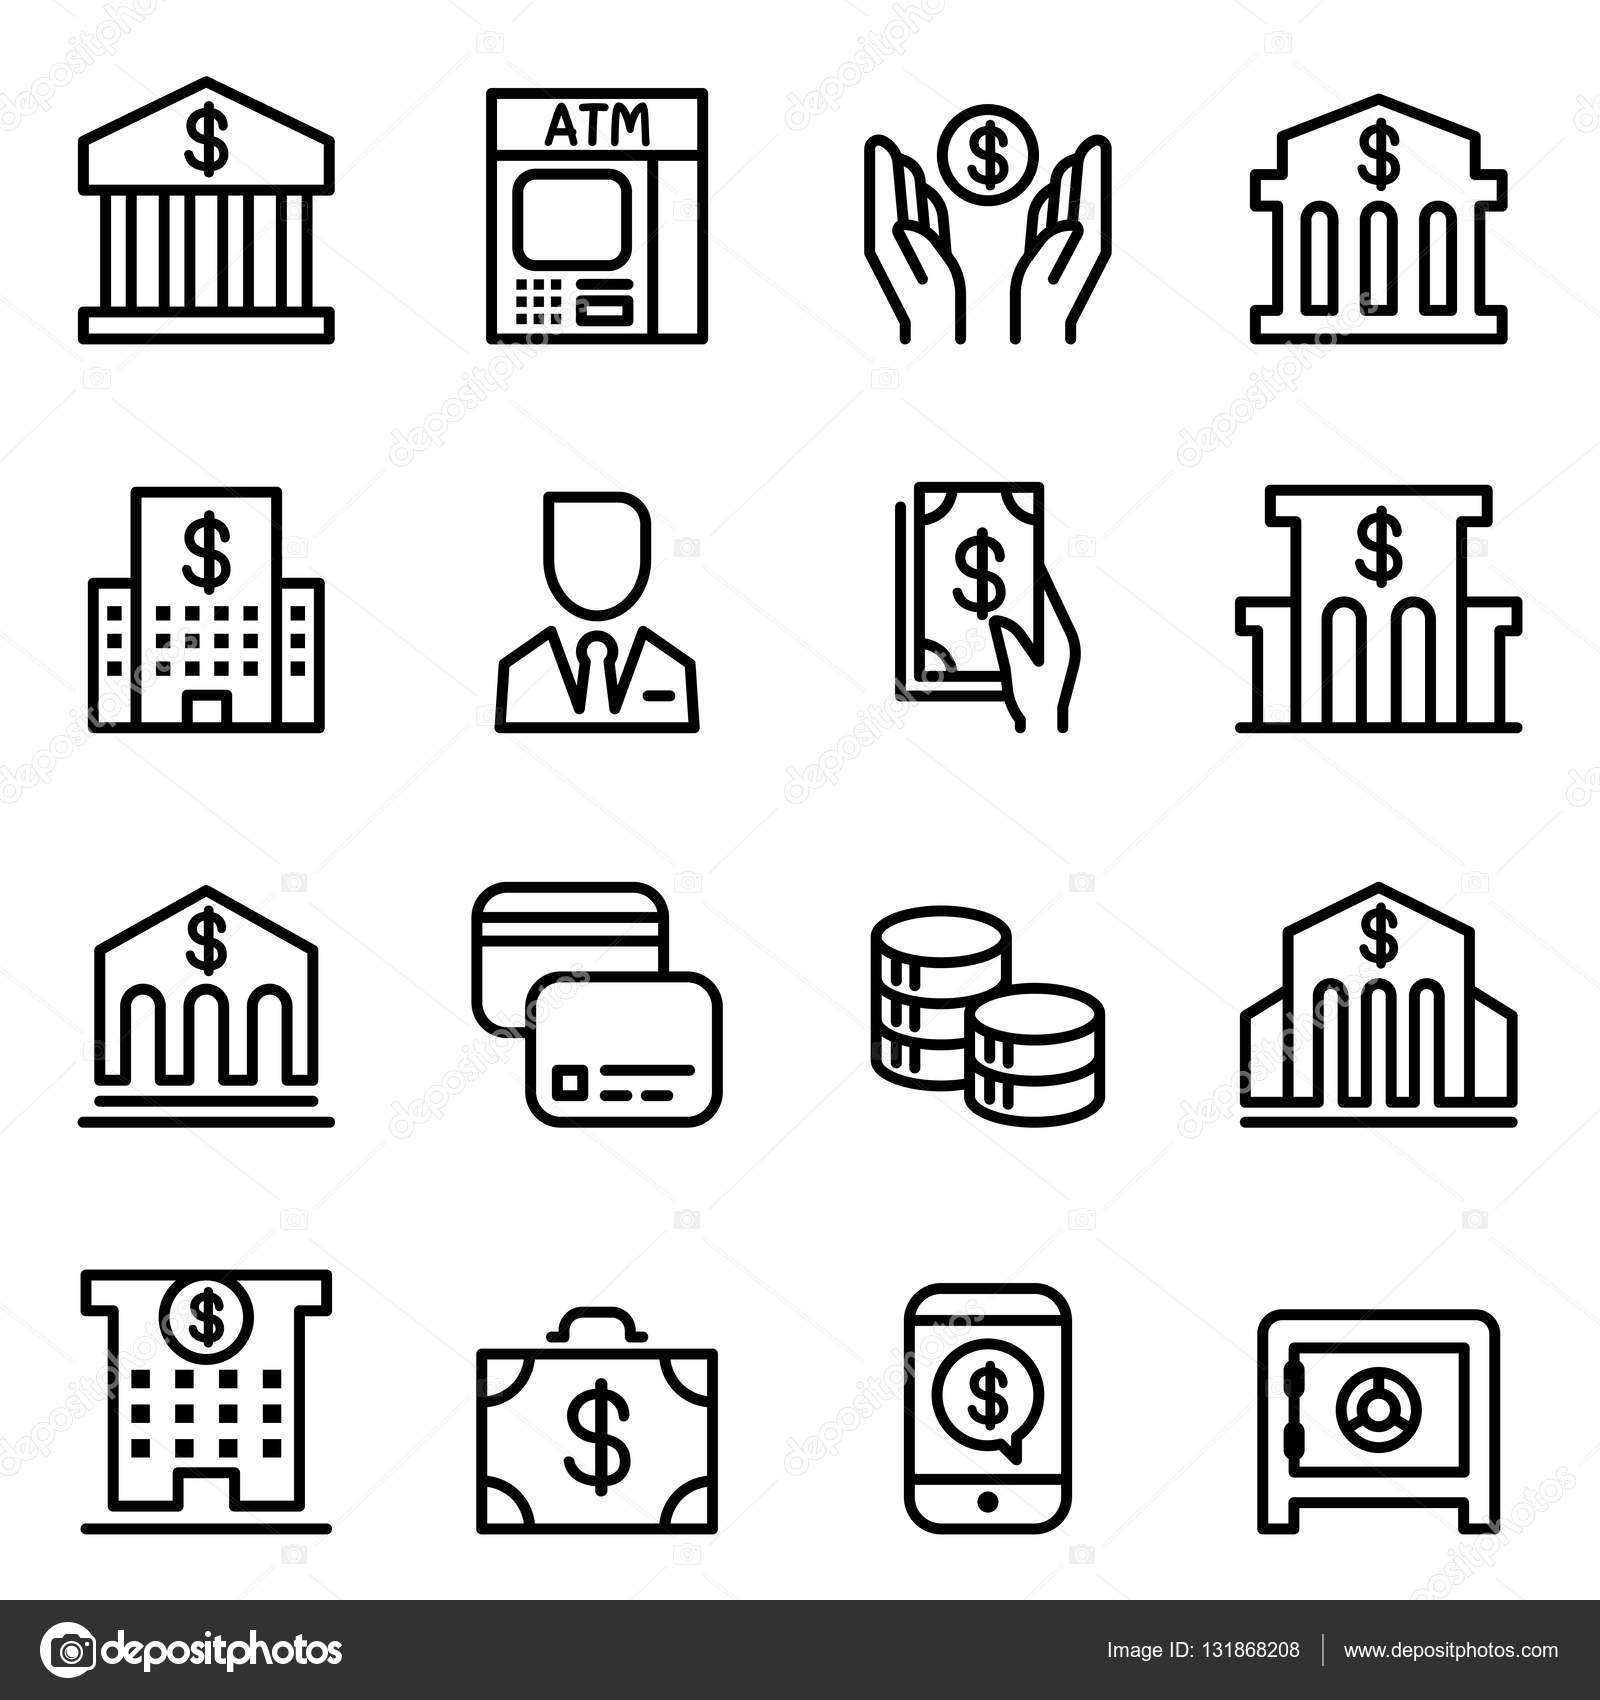 銀行のアイコン ベクトル イラスト グラフィック デザインの薄い線の